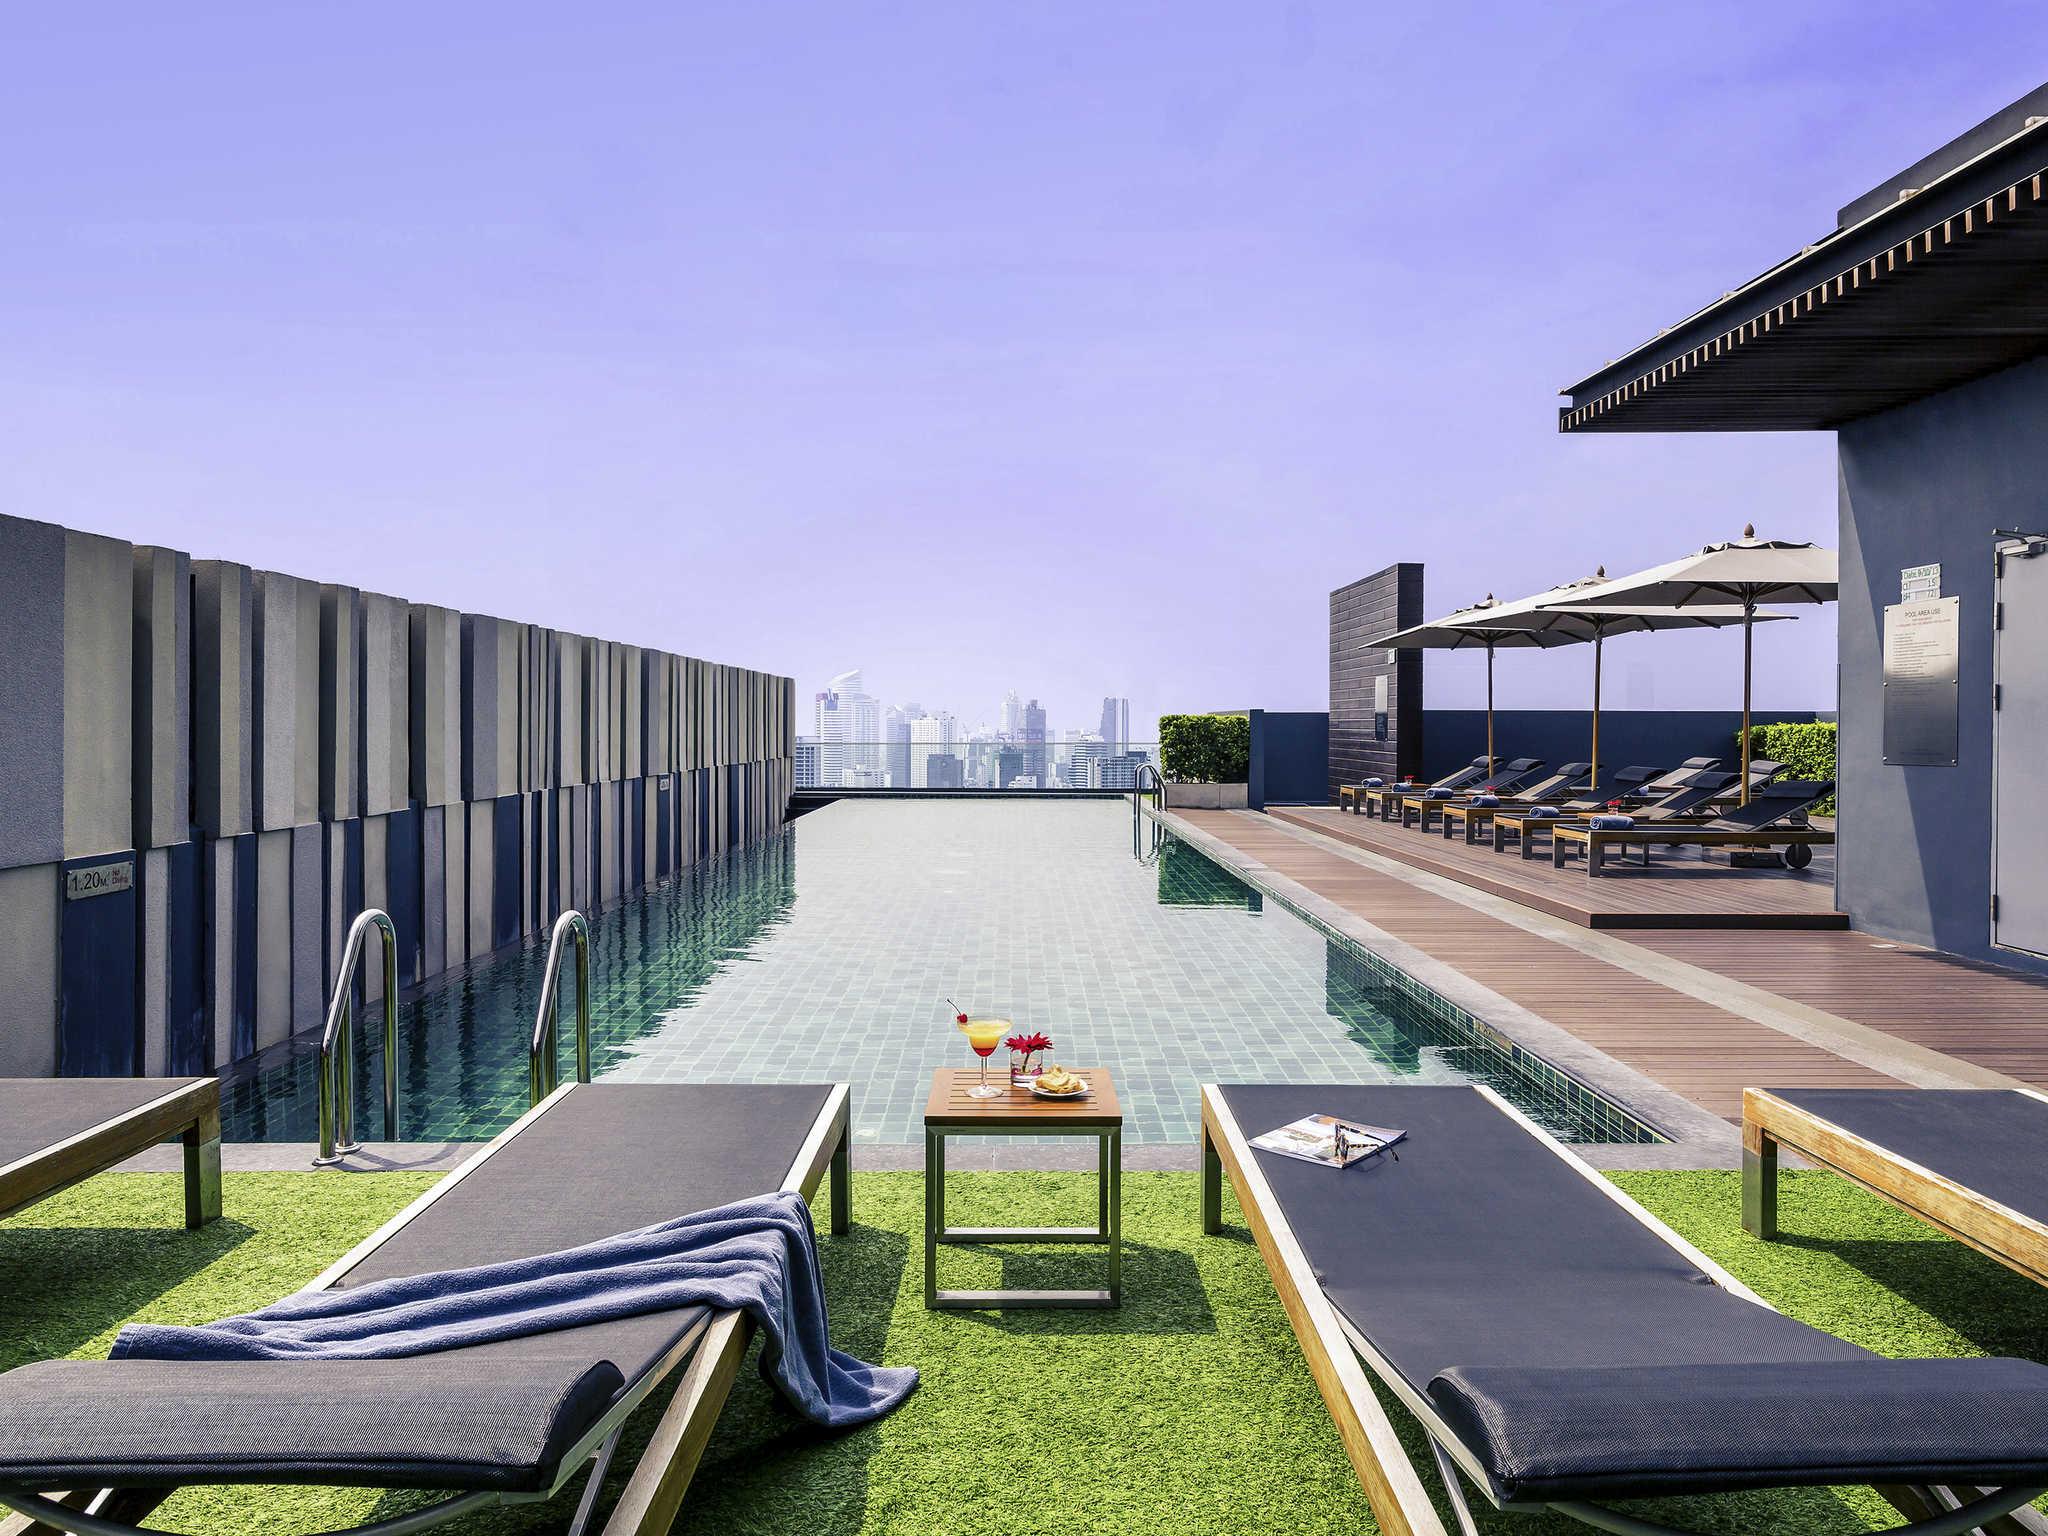 فندق - مركيور Mercure بانكوك سيام